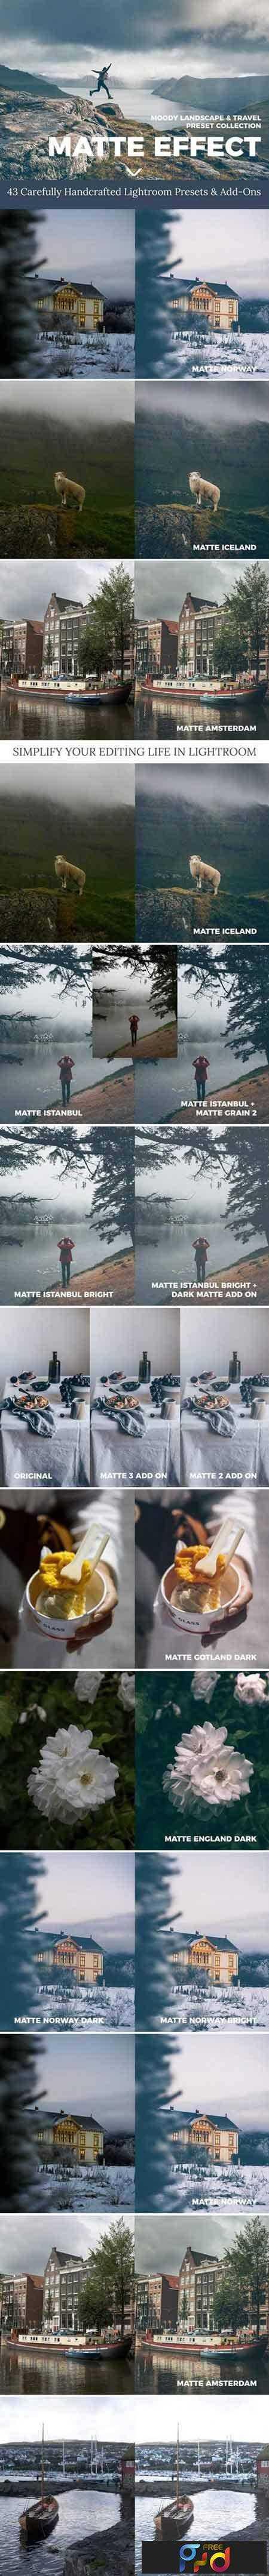 1804284 Matte Effect Lightroom Presets 2354028 1